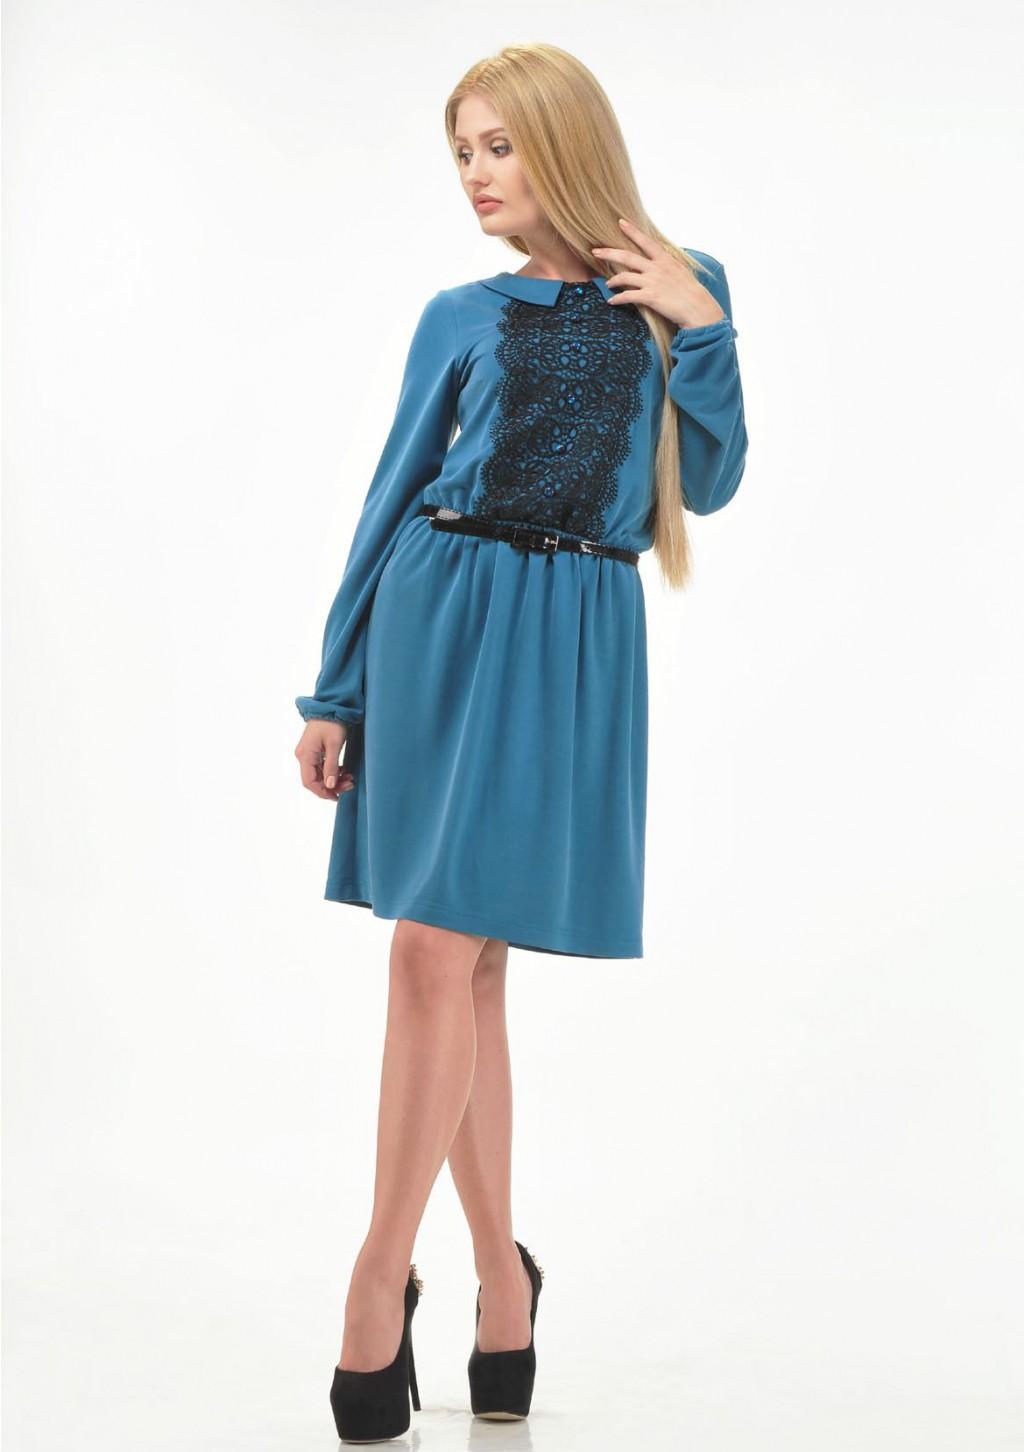 Сбор заказов. Женская одежда V@V - финальная распродажа всех коллекций. Выкуп 26. Без рядов.